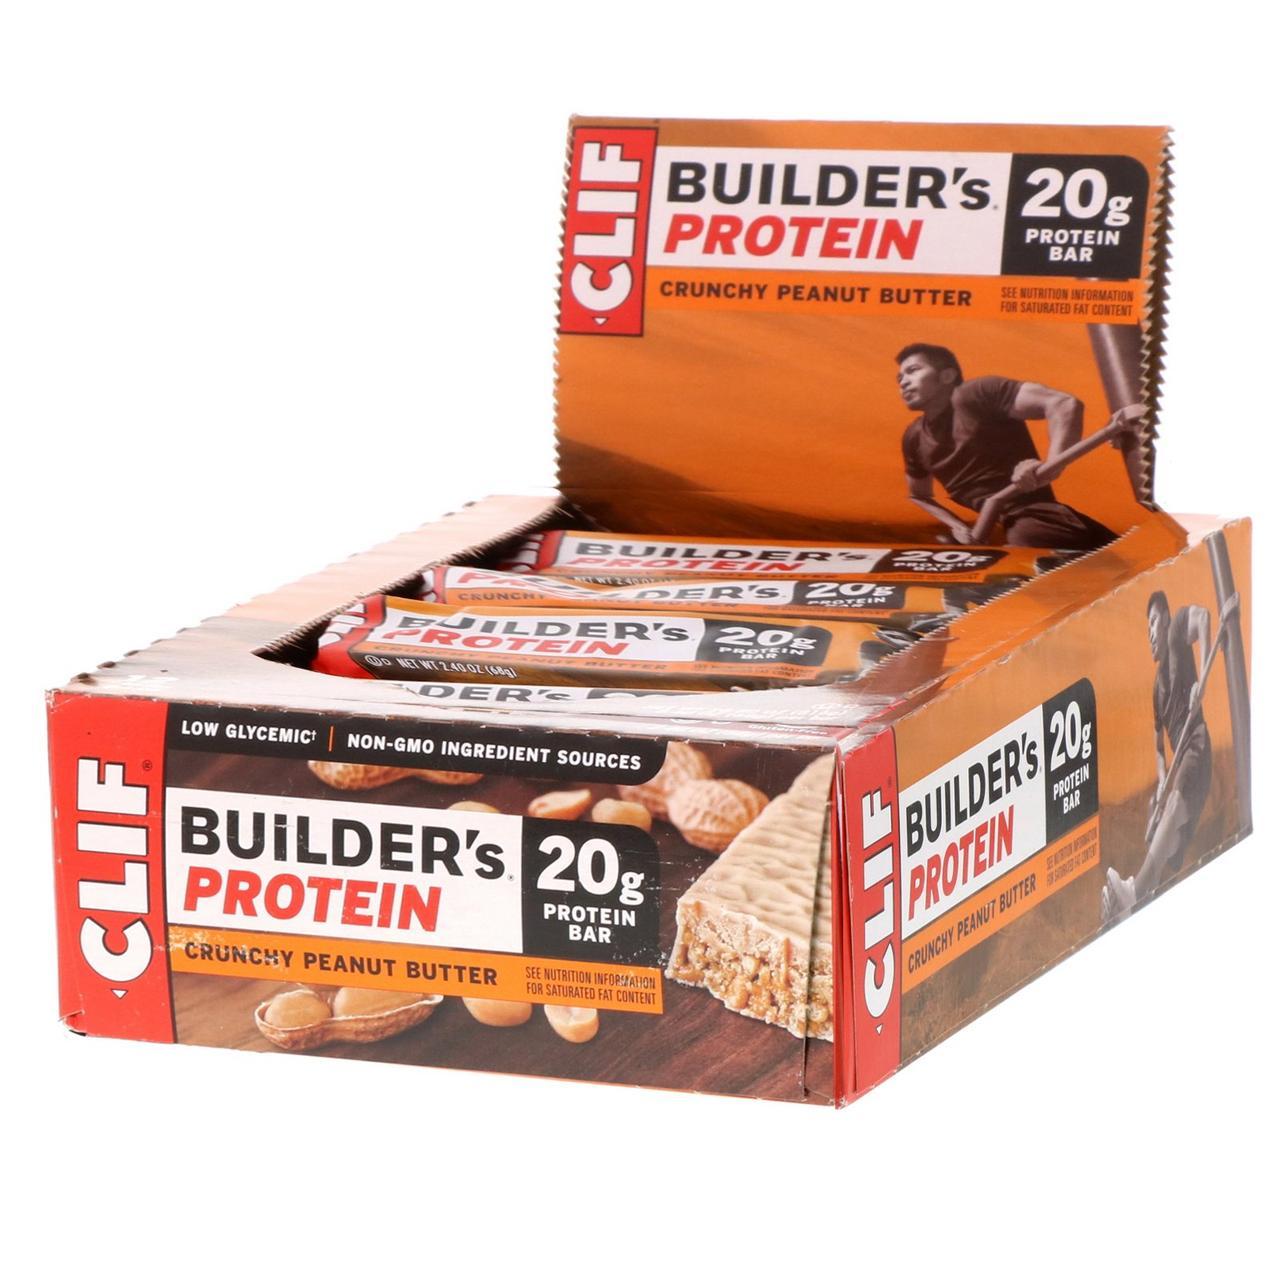 Clif Bar, Протеиновый батончик Builder's, 20 г, хрустящее арахисовое масло, 12 баточников, по 68 г (2,4 унции) каждый